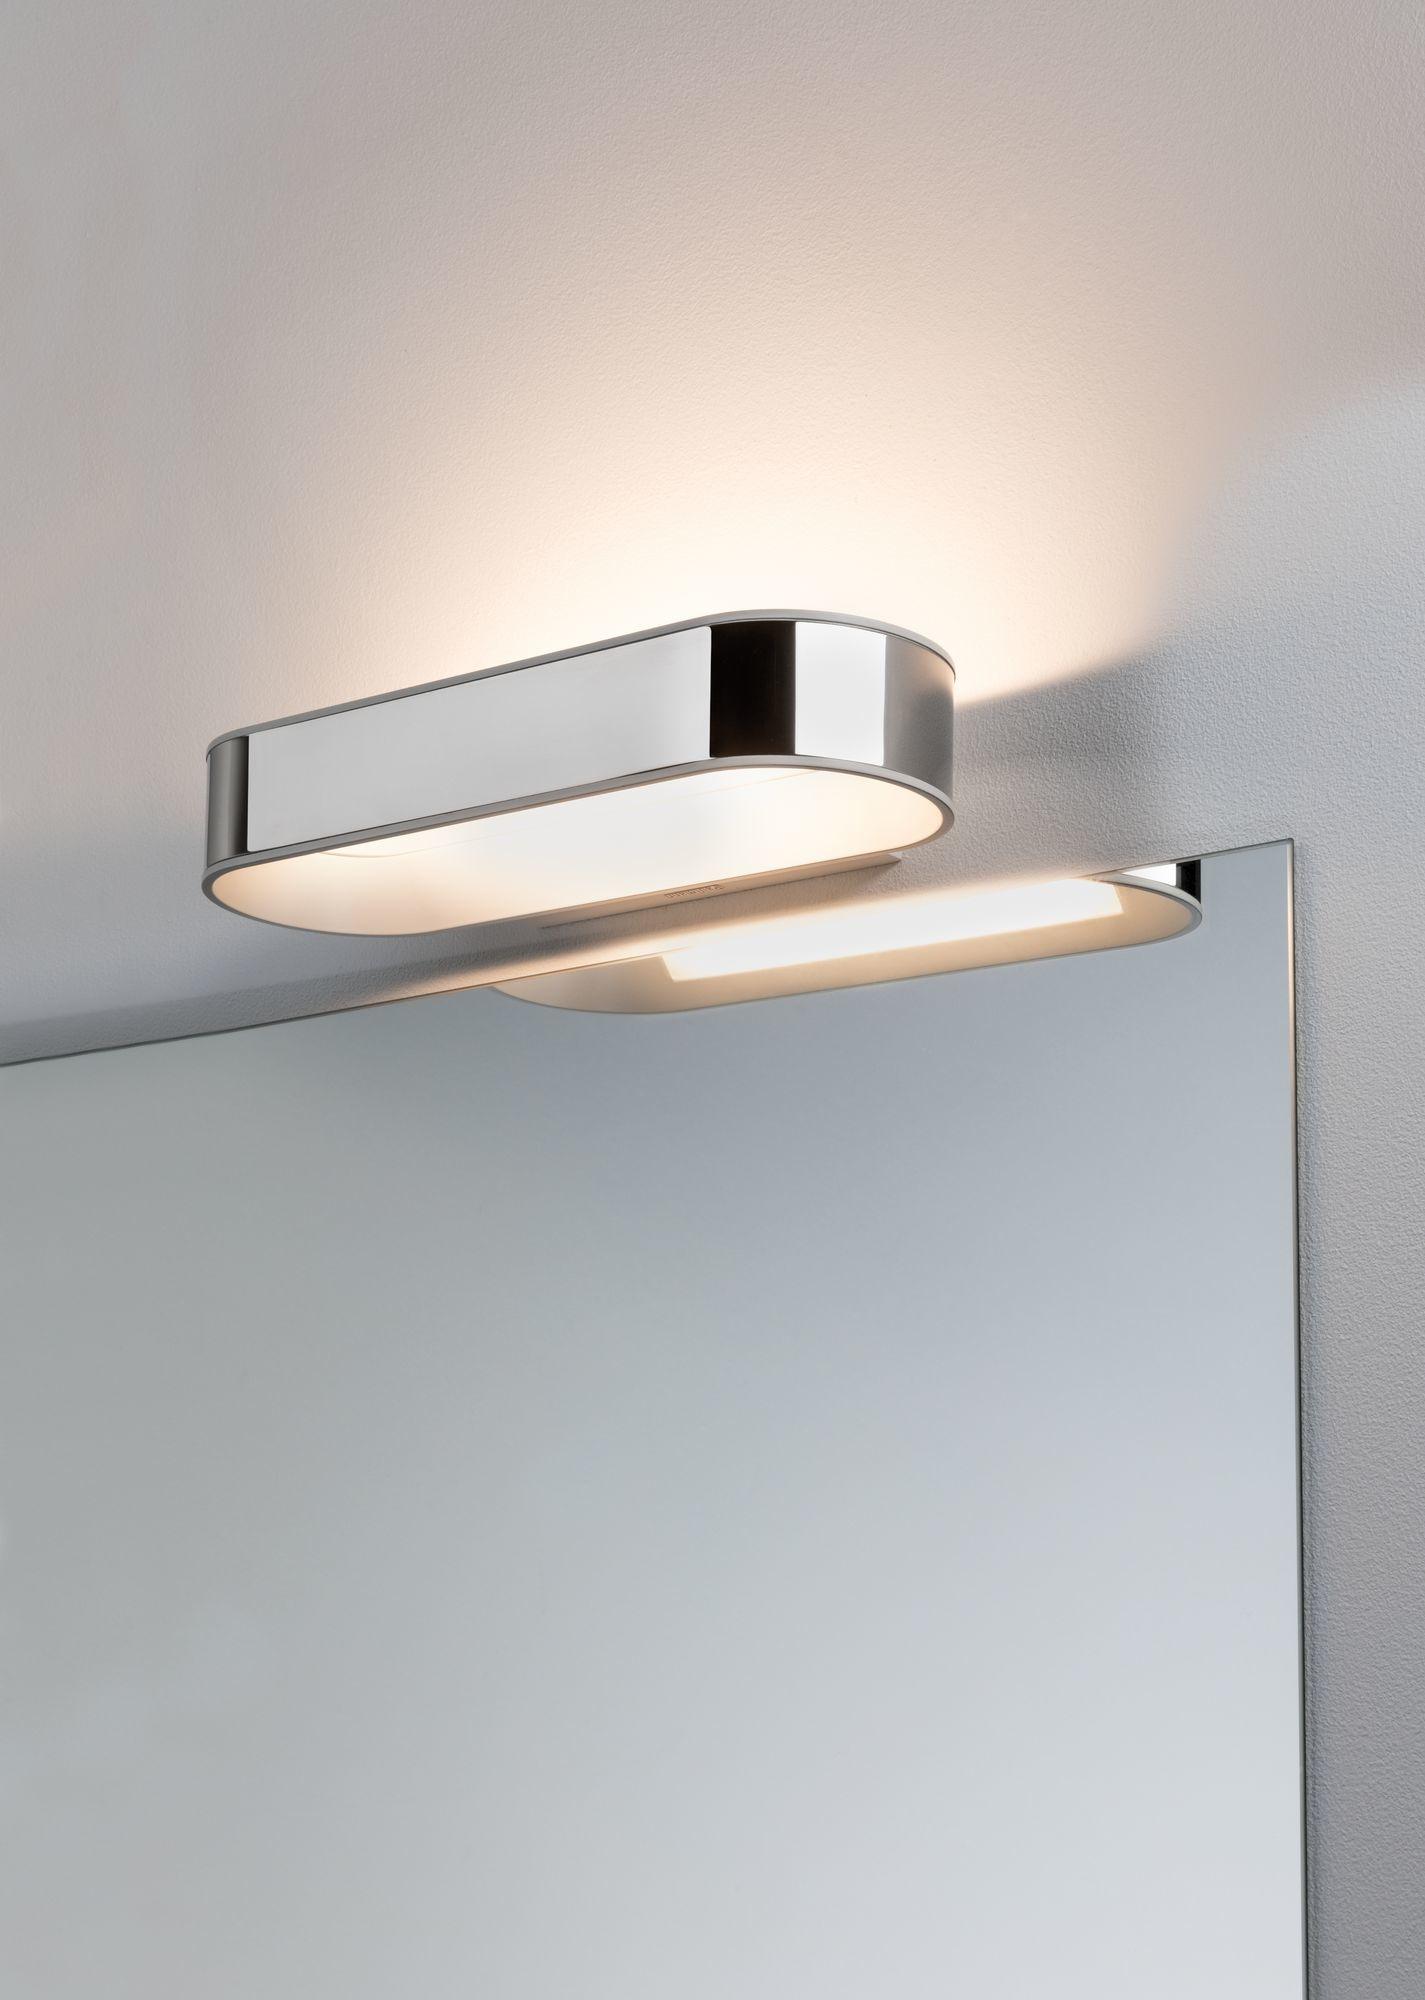 Paulmann LED Wandleuchte Agena IP44 20W Chrom/Weiß matt dimmbar